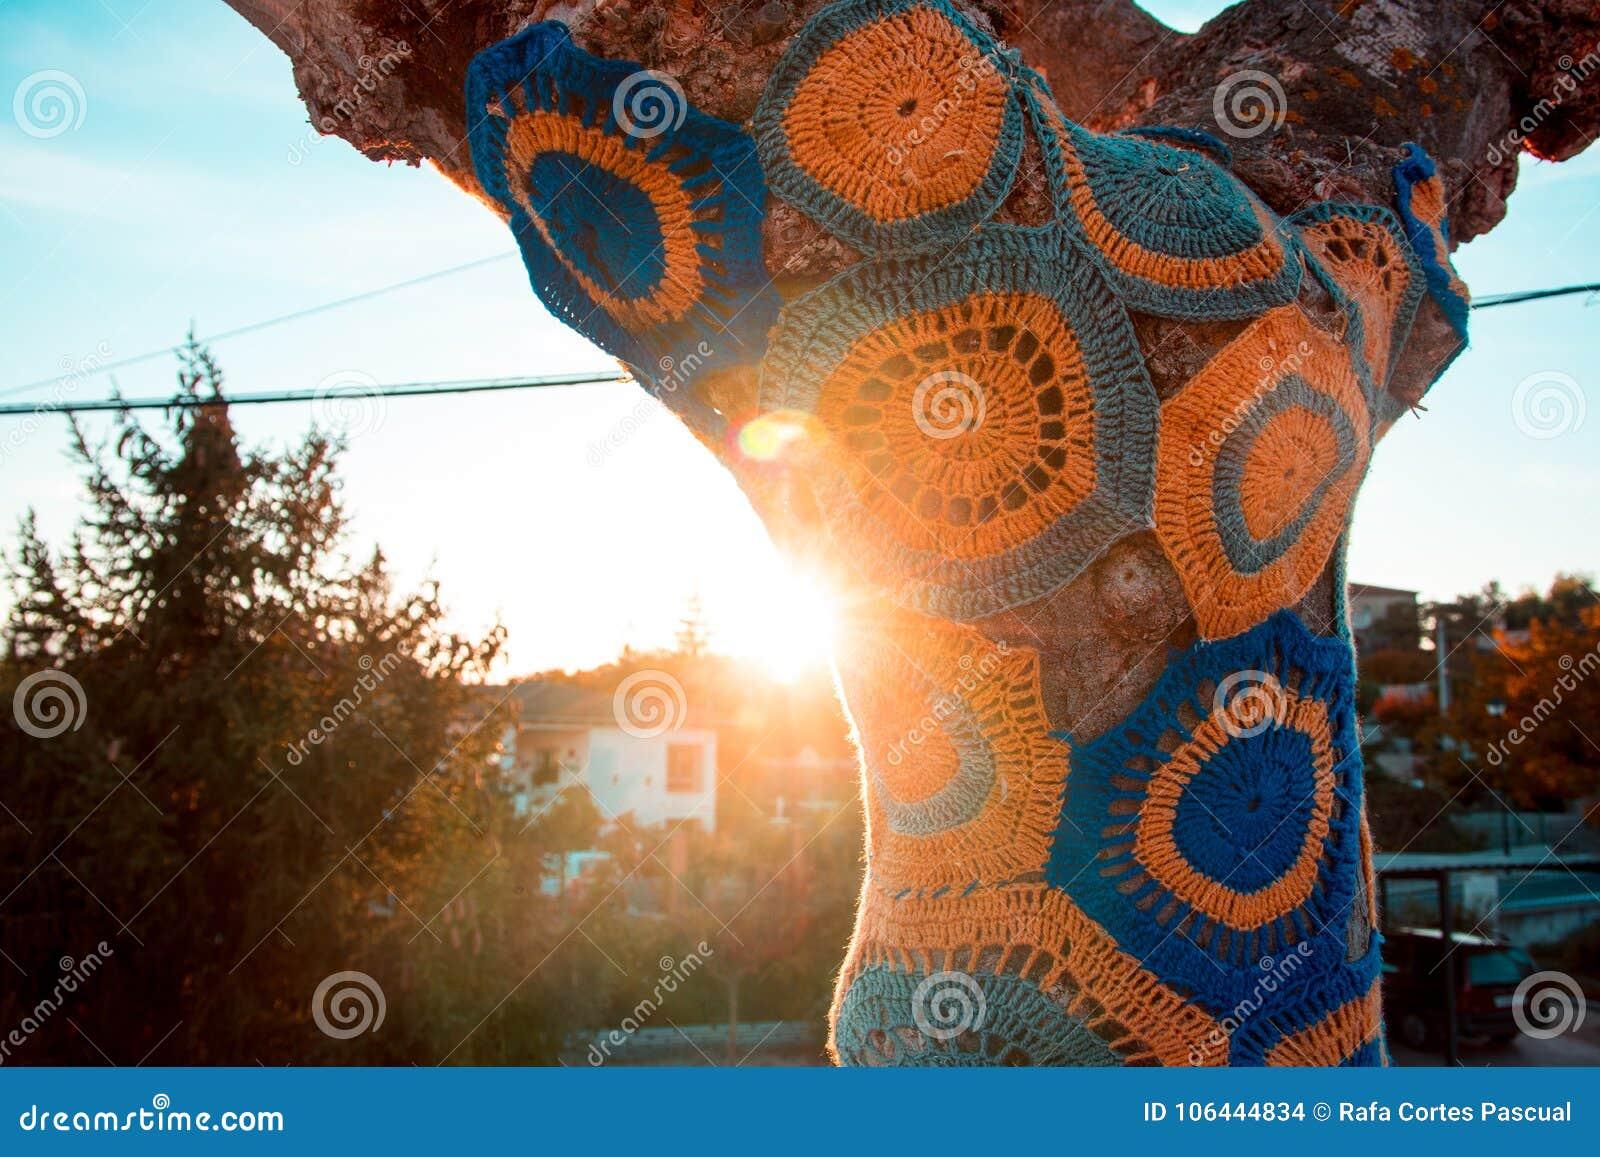 Künstlerisch verzierter Baum mit farbiger Wolle, Baum mit Sturm